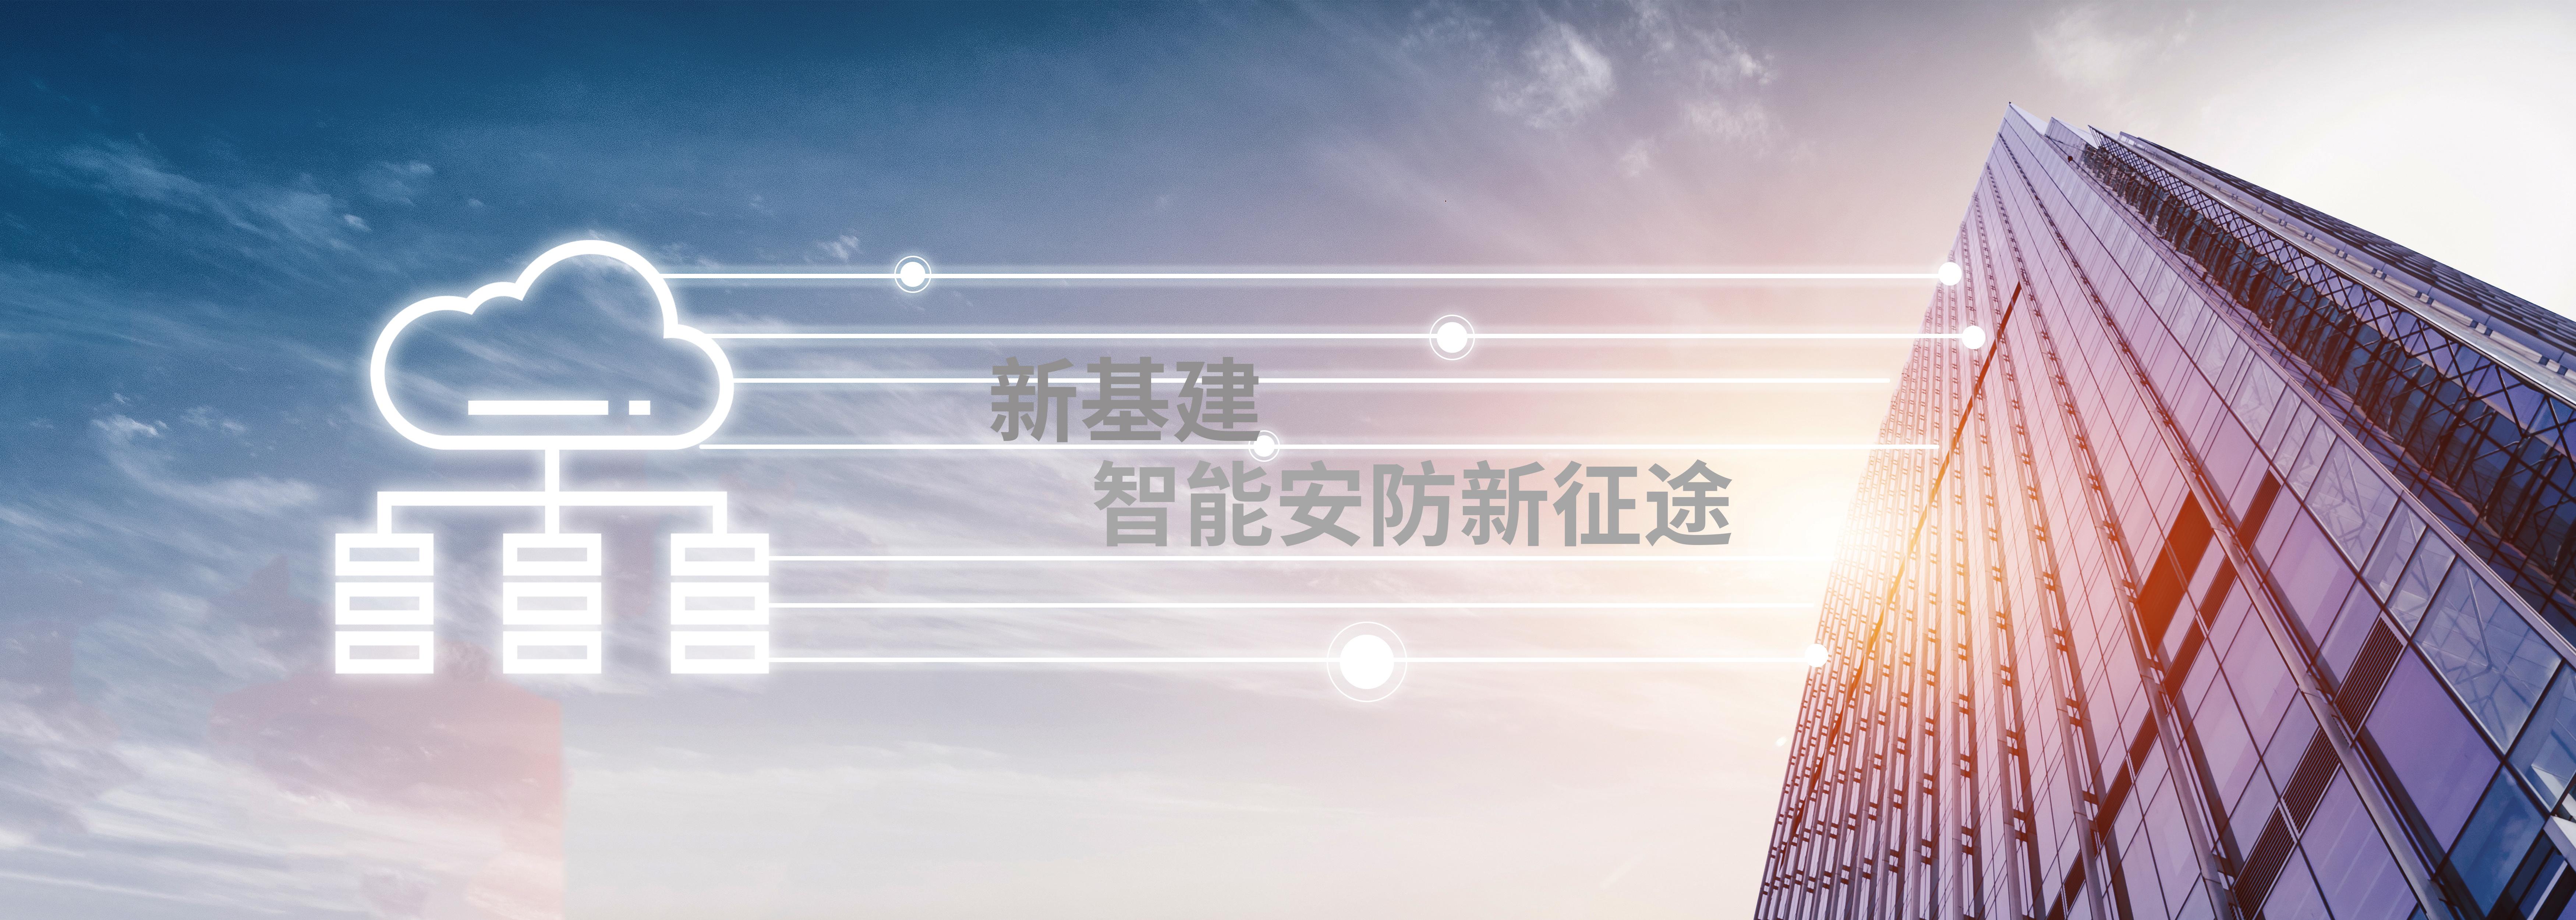 深圳网络摄像机生产厂家